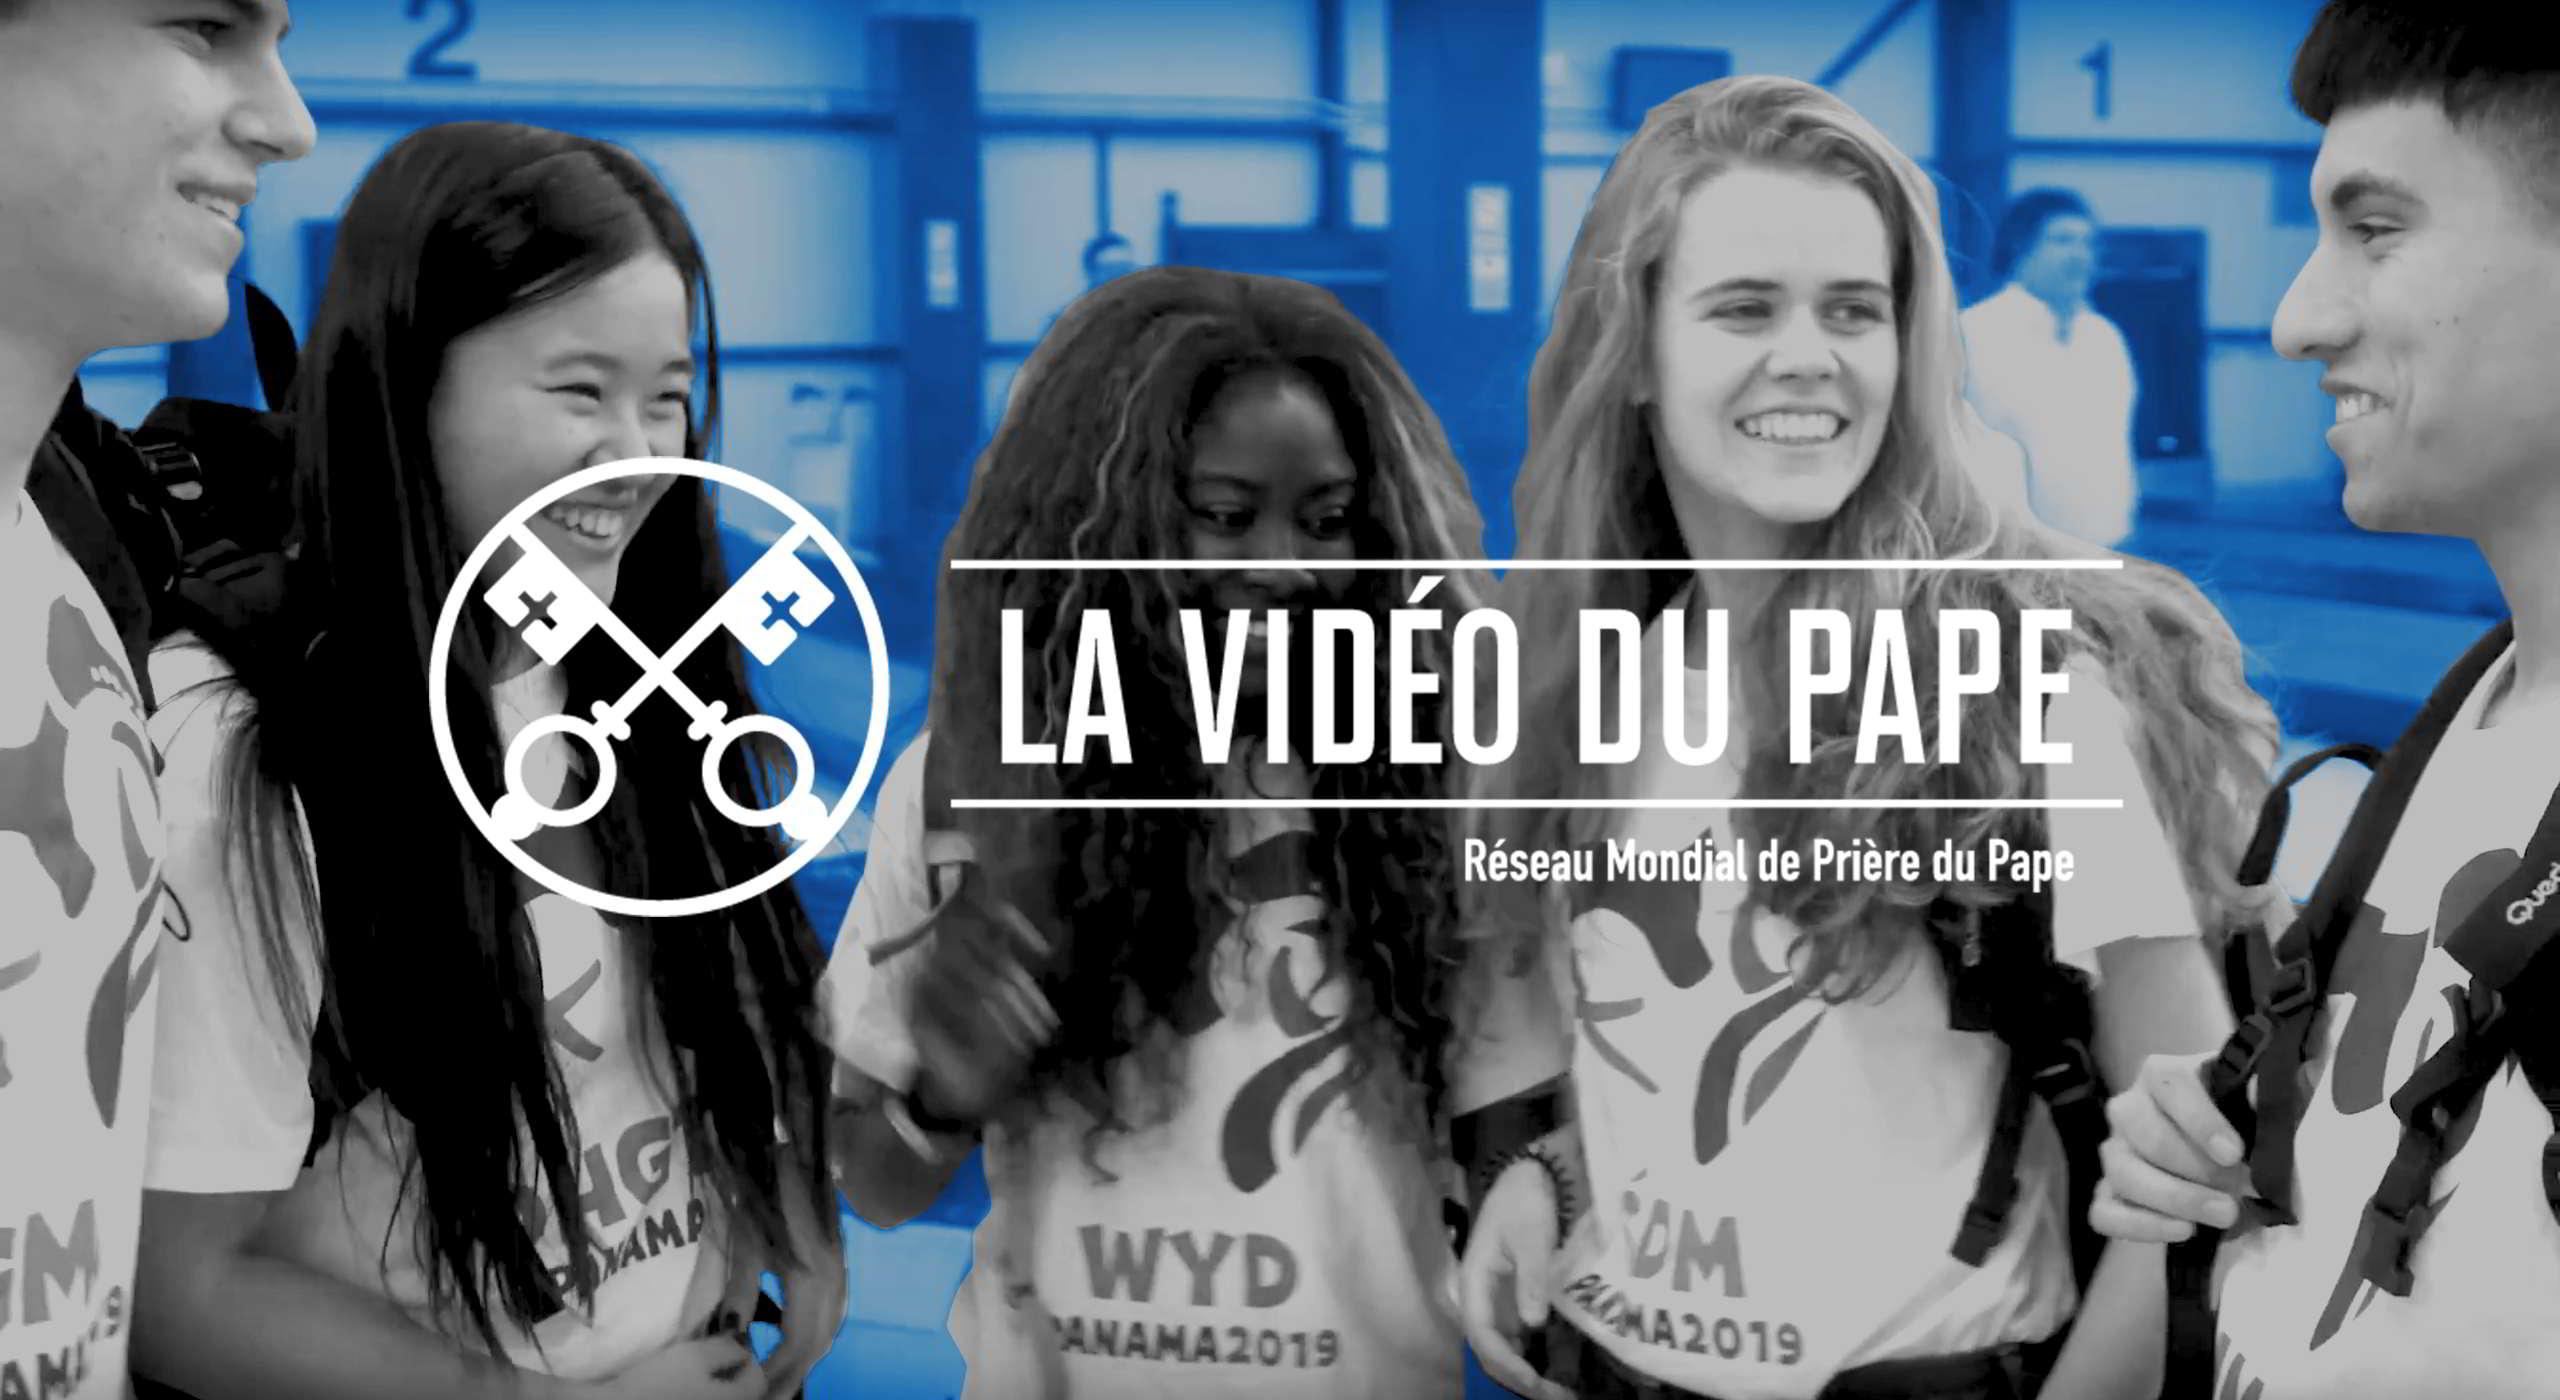 Official-Image-TPV-1-2019-5-FR-La-Video-du-Pape-Les-jeunes-à-l'école-de-Marie